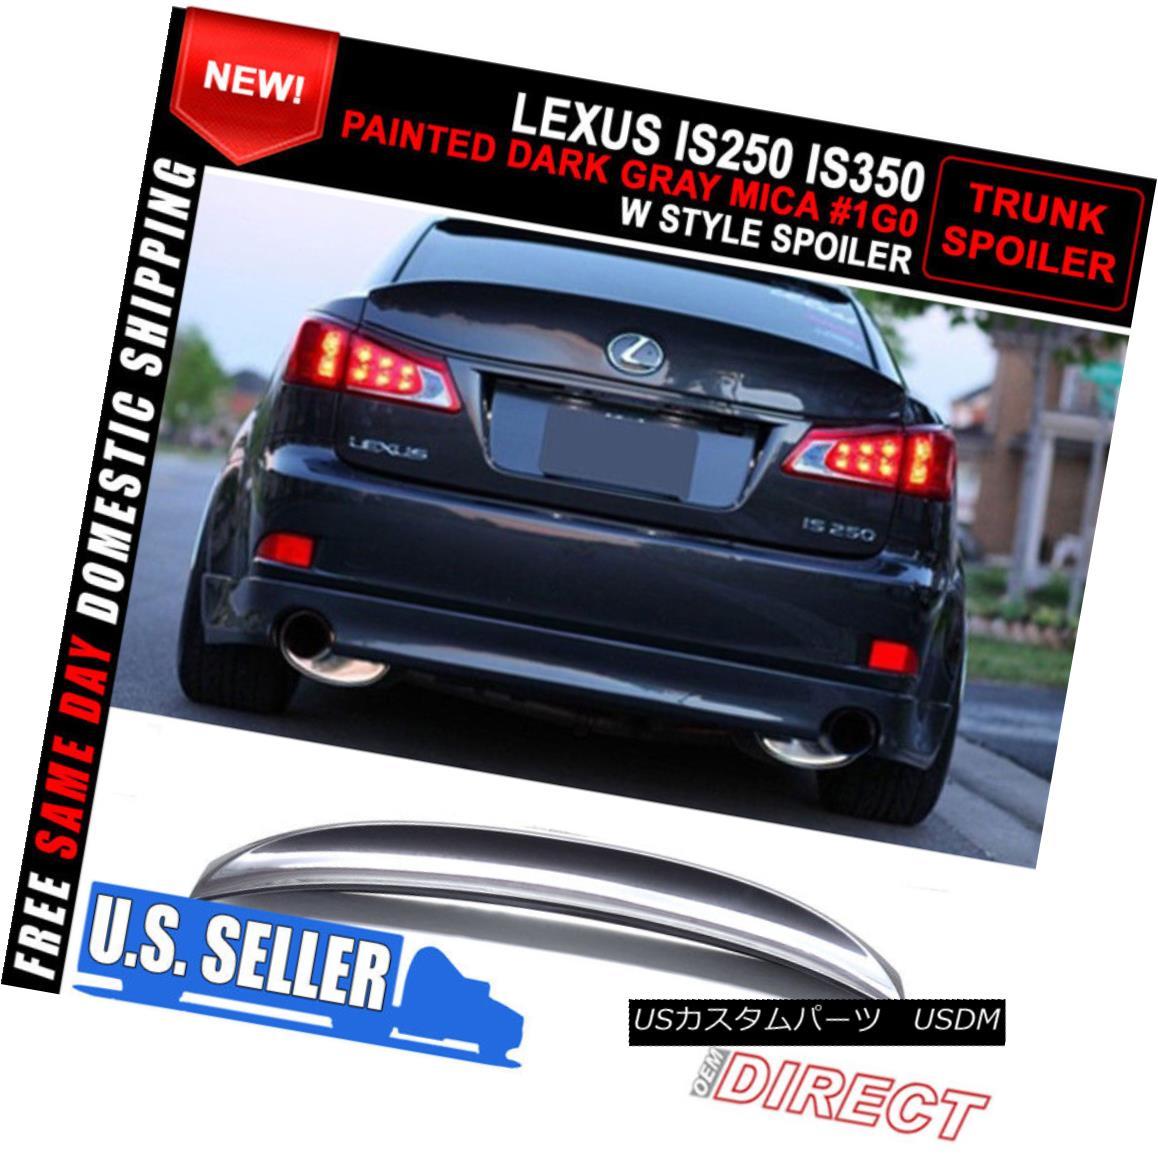 エアロパーツ For 06-13 Lexus Is250 Is350 IK Style Trunk Spoiler - Painted Dark Gray Mica #1G0 06-13レクサスIs250 Is350 IKスタイルトランク・スポイラー - 塗装ダークグレー・マイカ#1G0